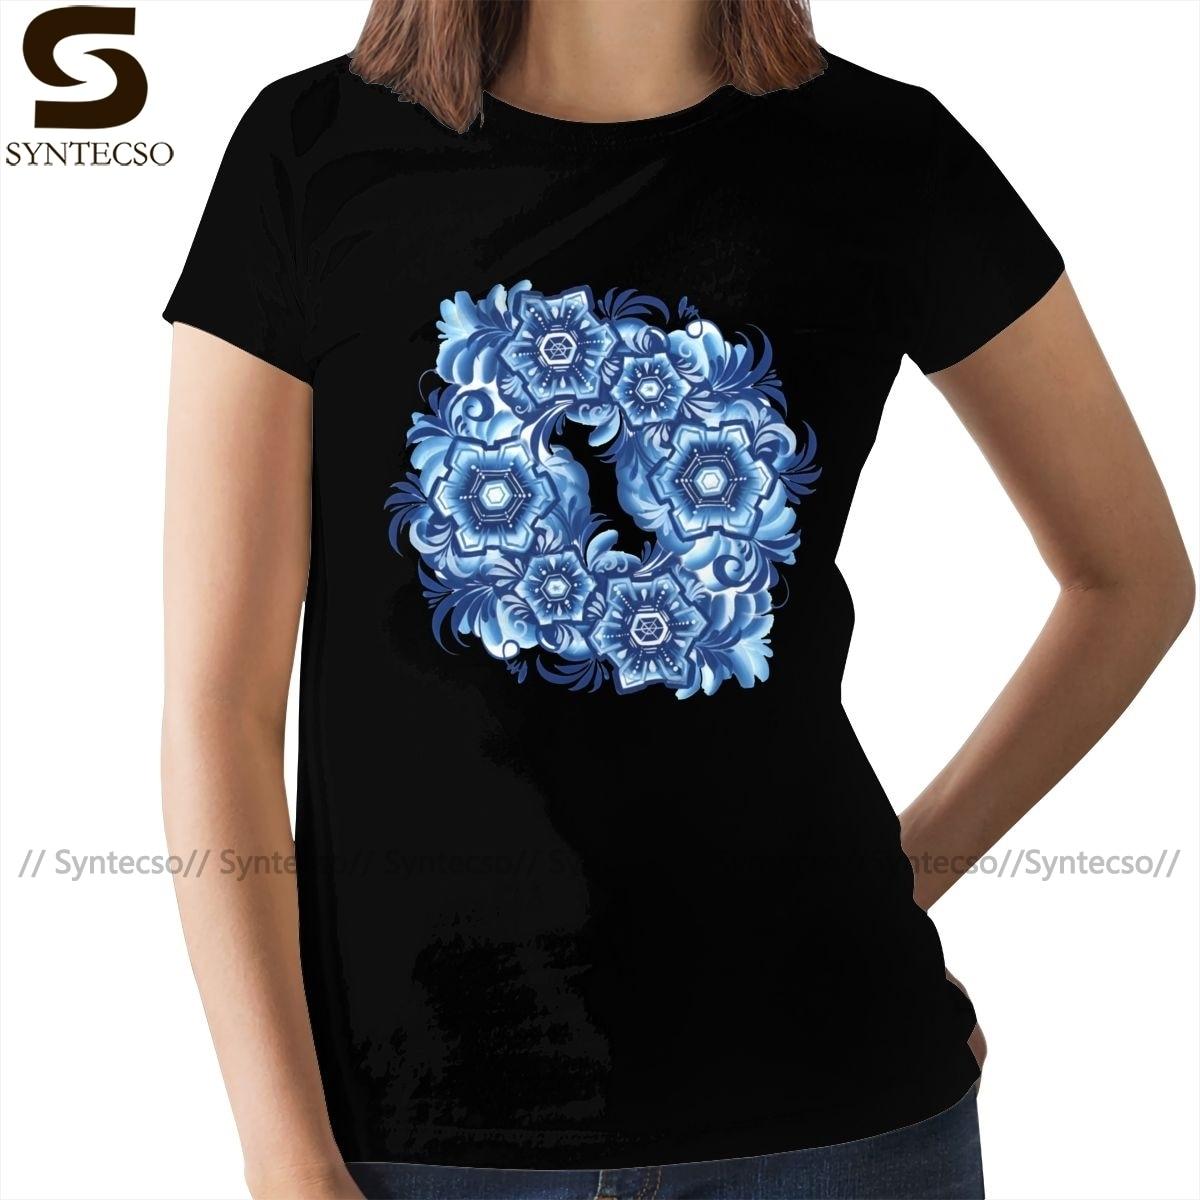 Gzhel, camiseta de copos de nieve, Camiseta de algodón estilo callejero para mujer, camiseta de manga corta con cuello redondo estampada para mujer